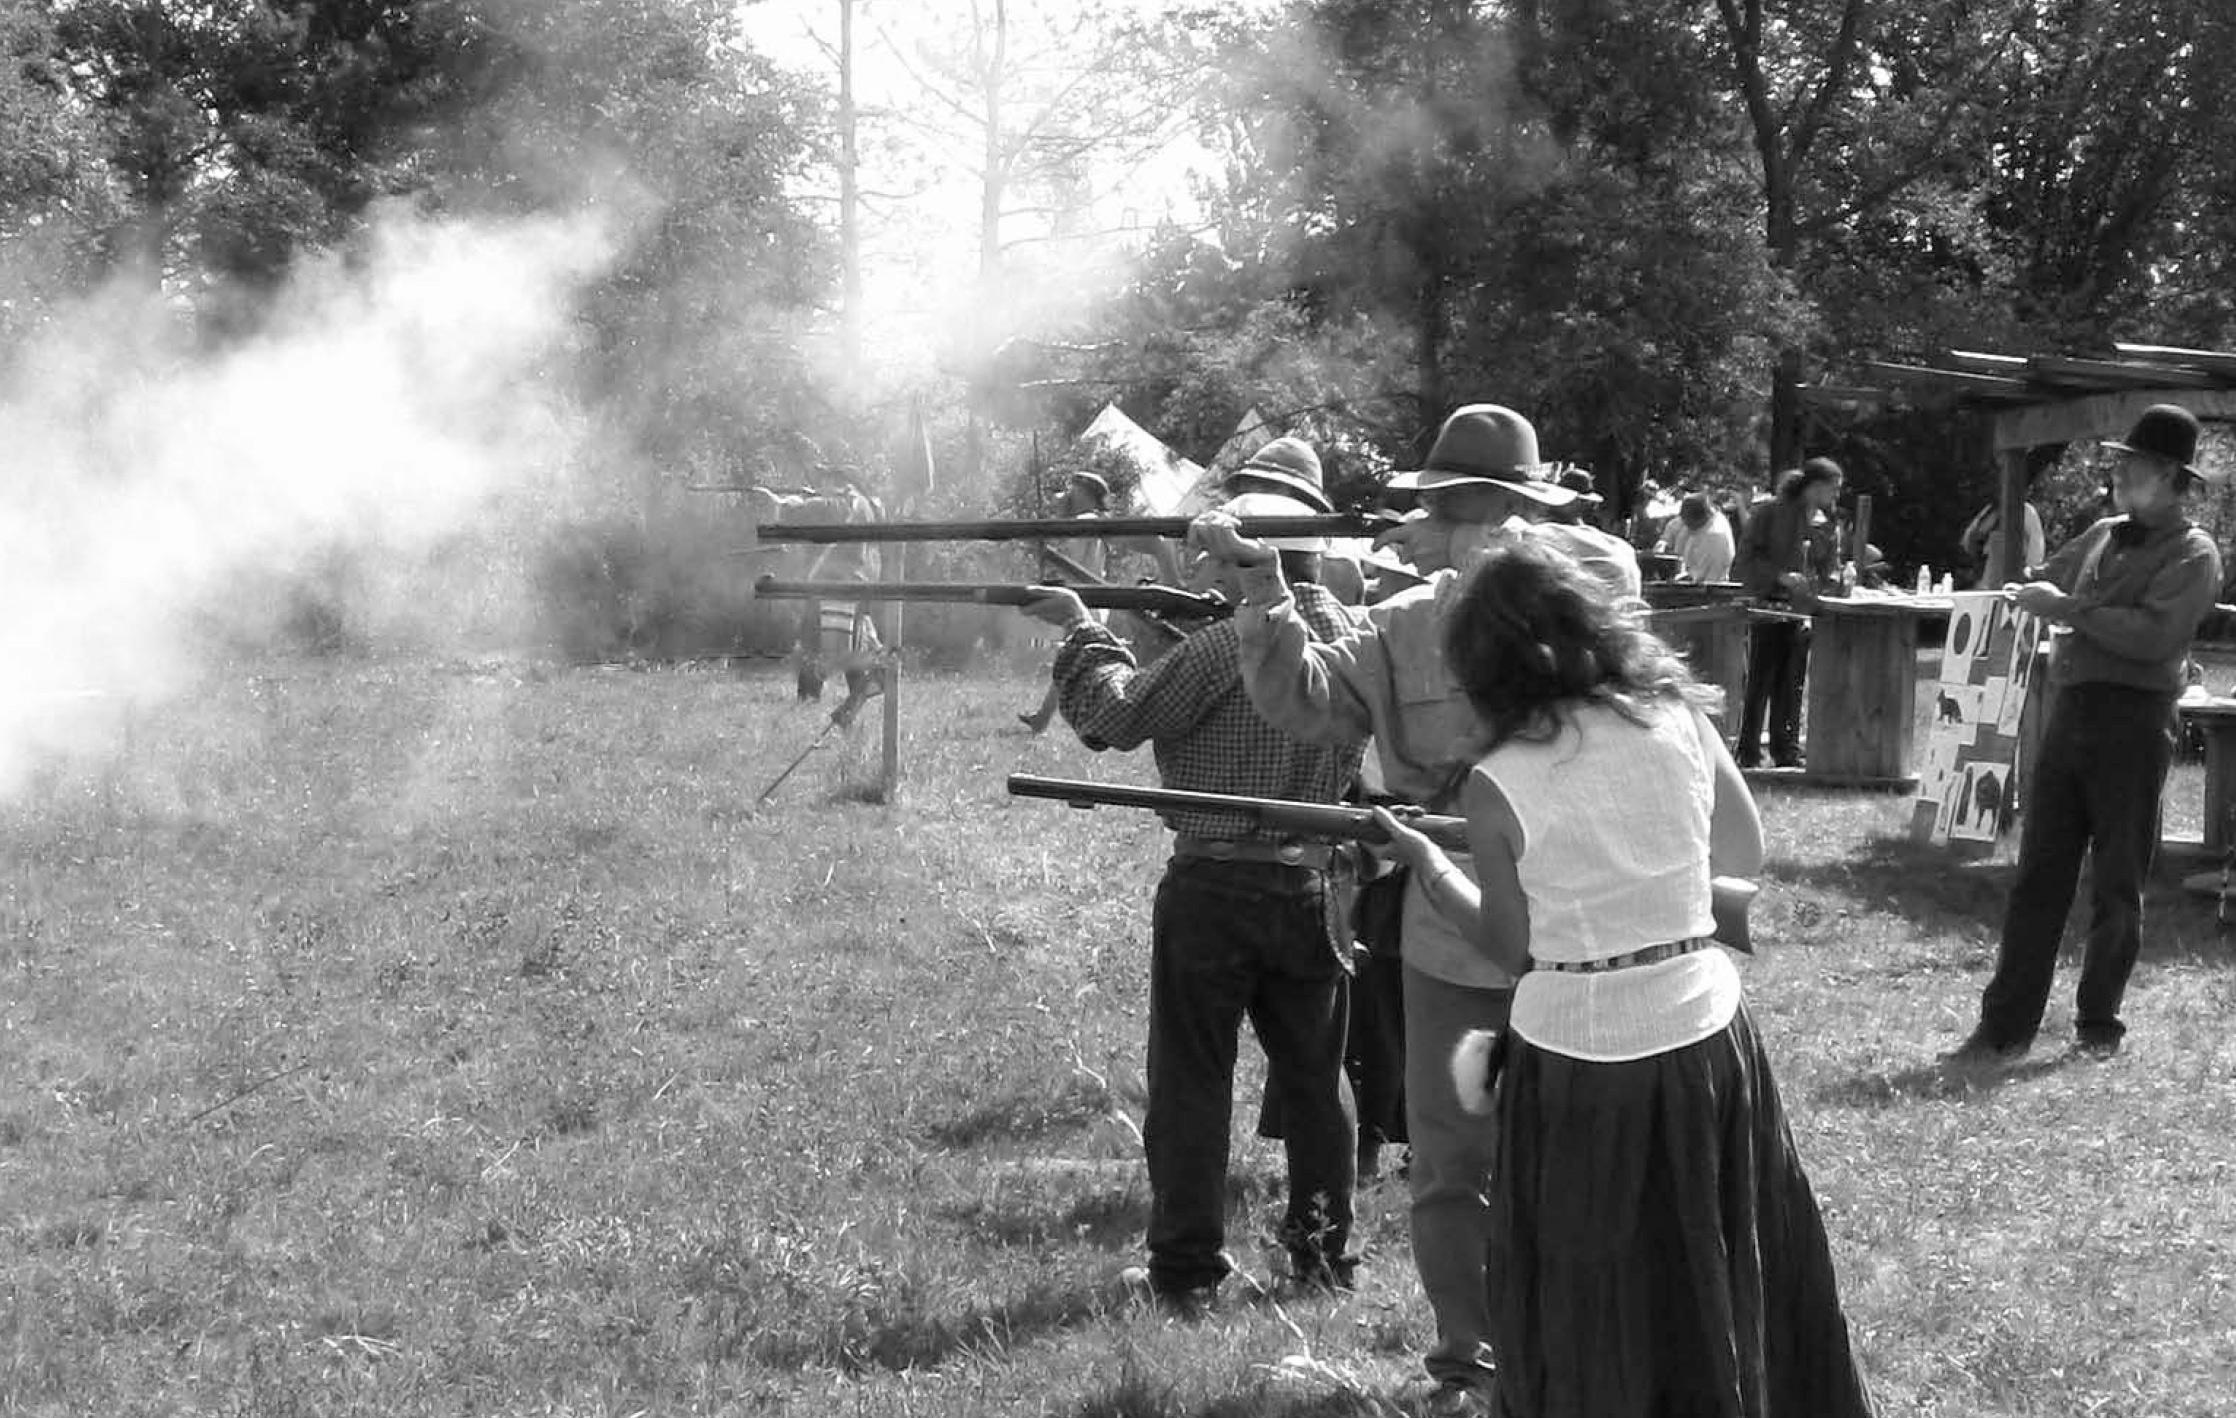 LSHOF Shooting History in Lethbridge